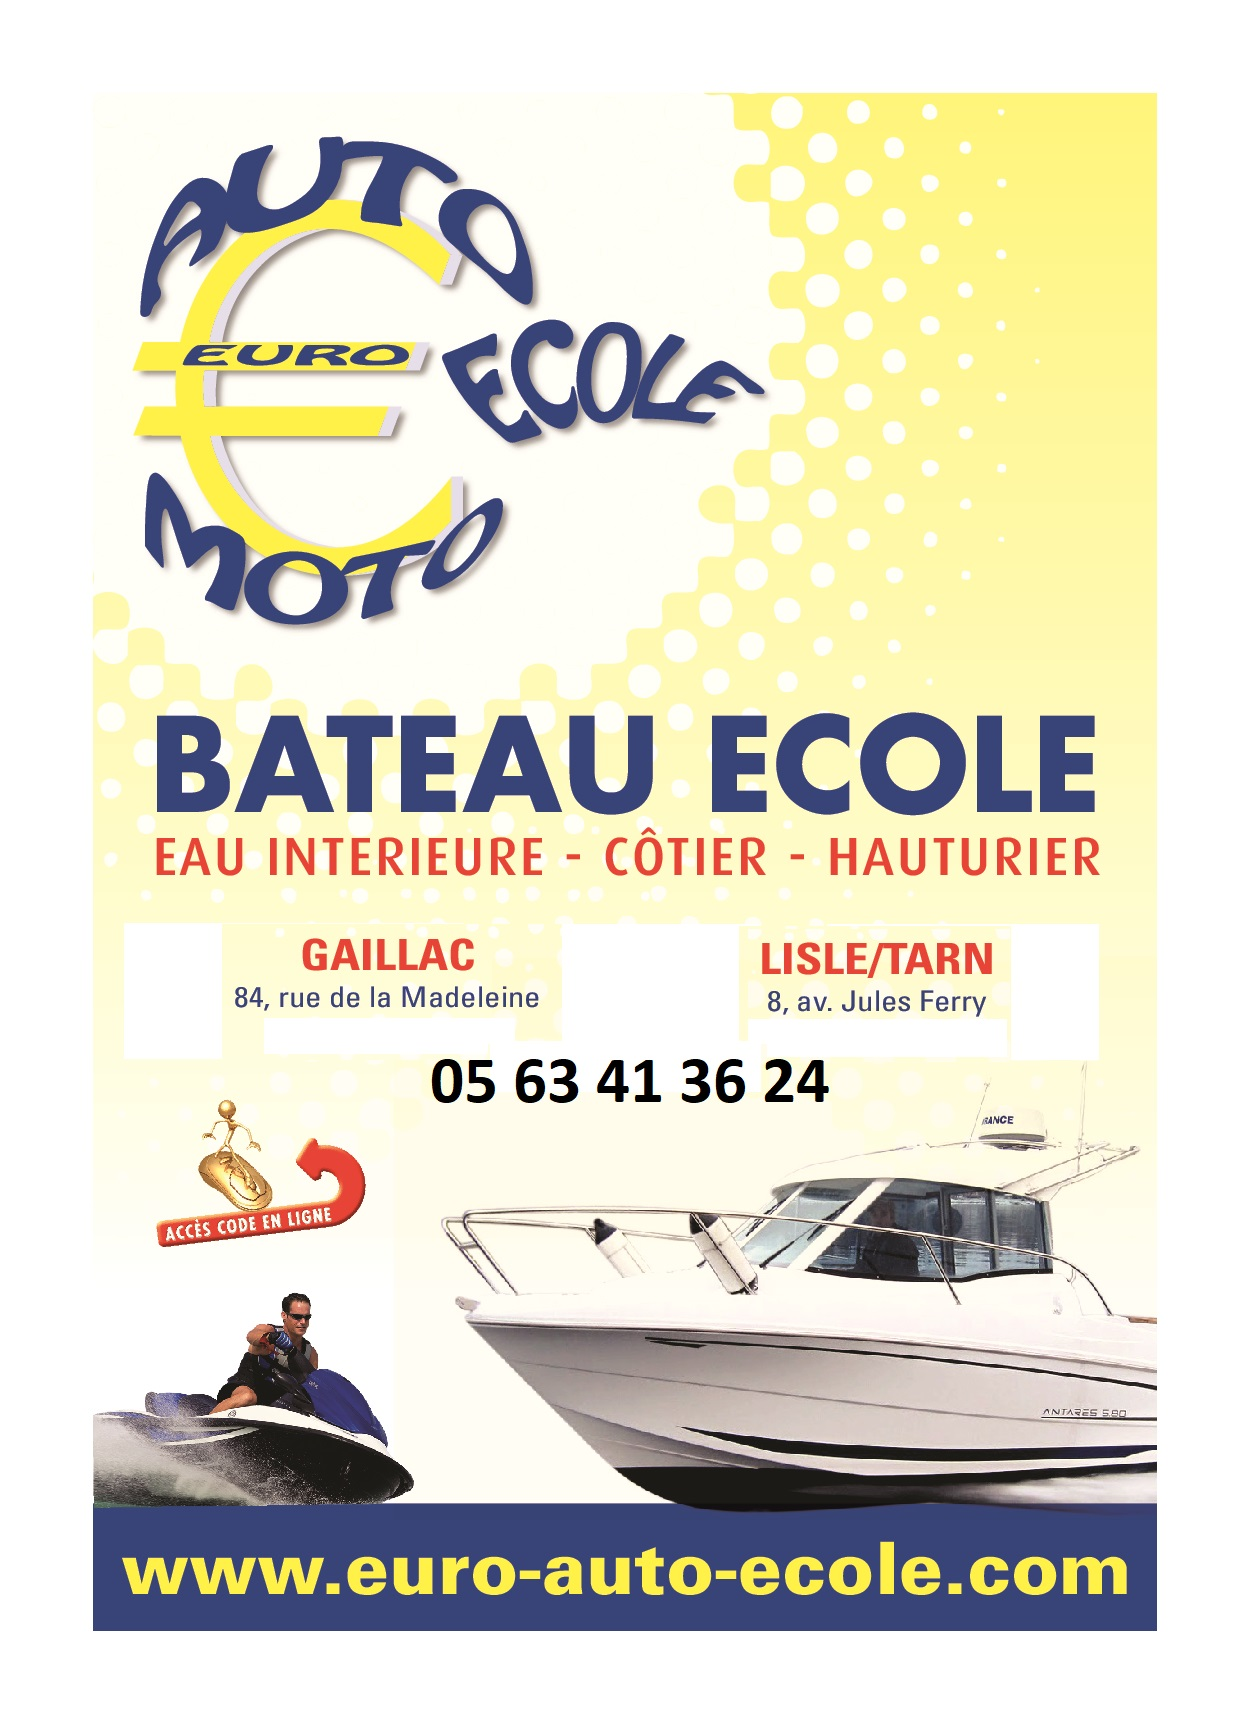 Euro-auto-ecole-A5-vertical-bateau